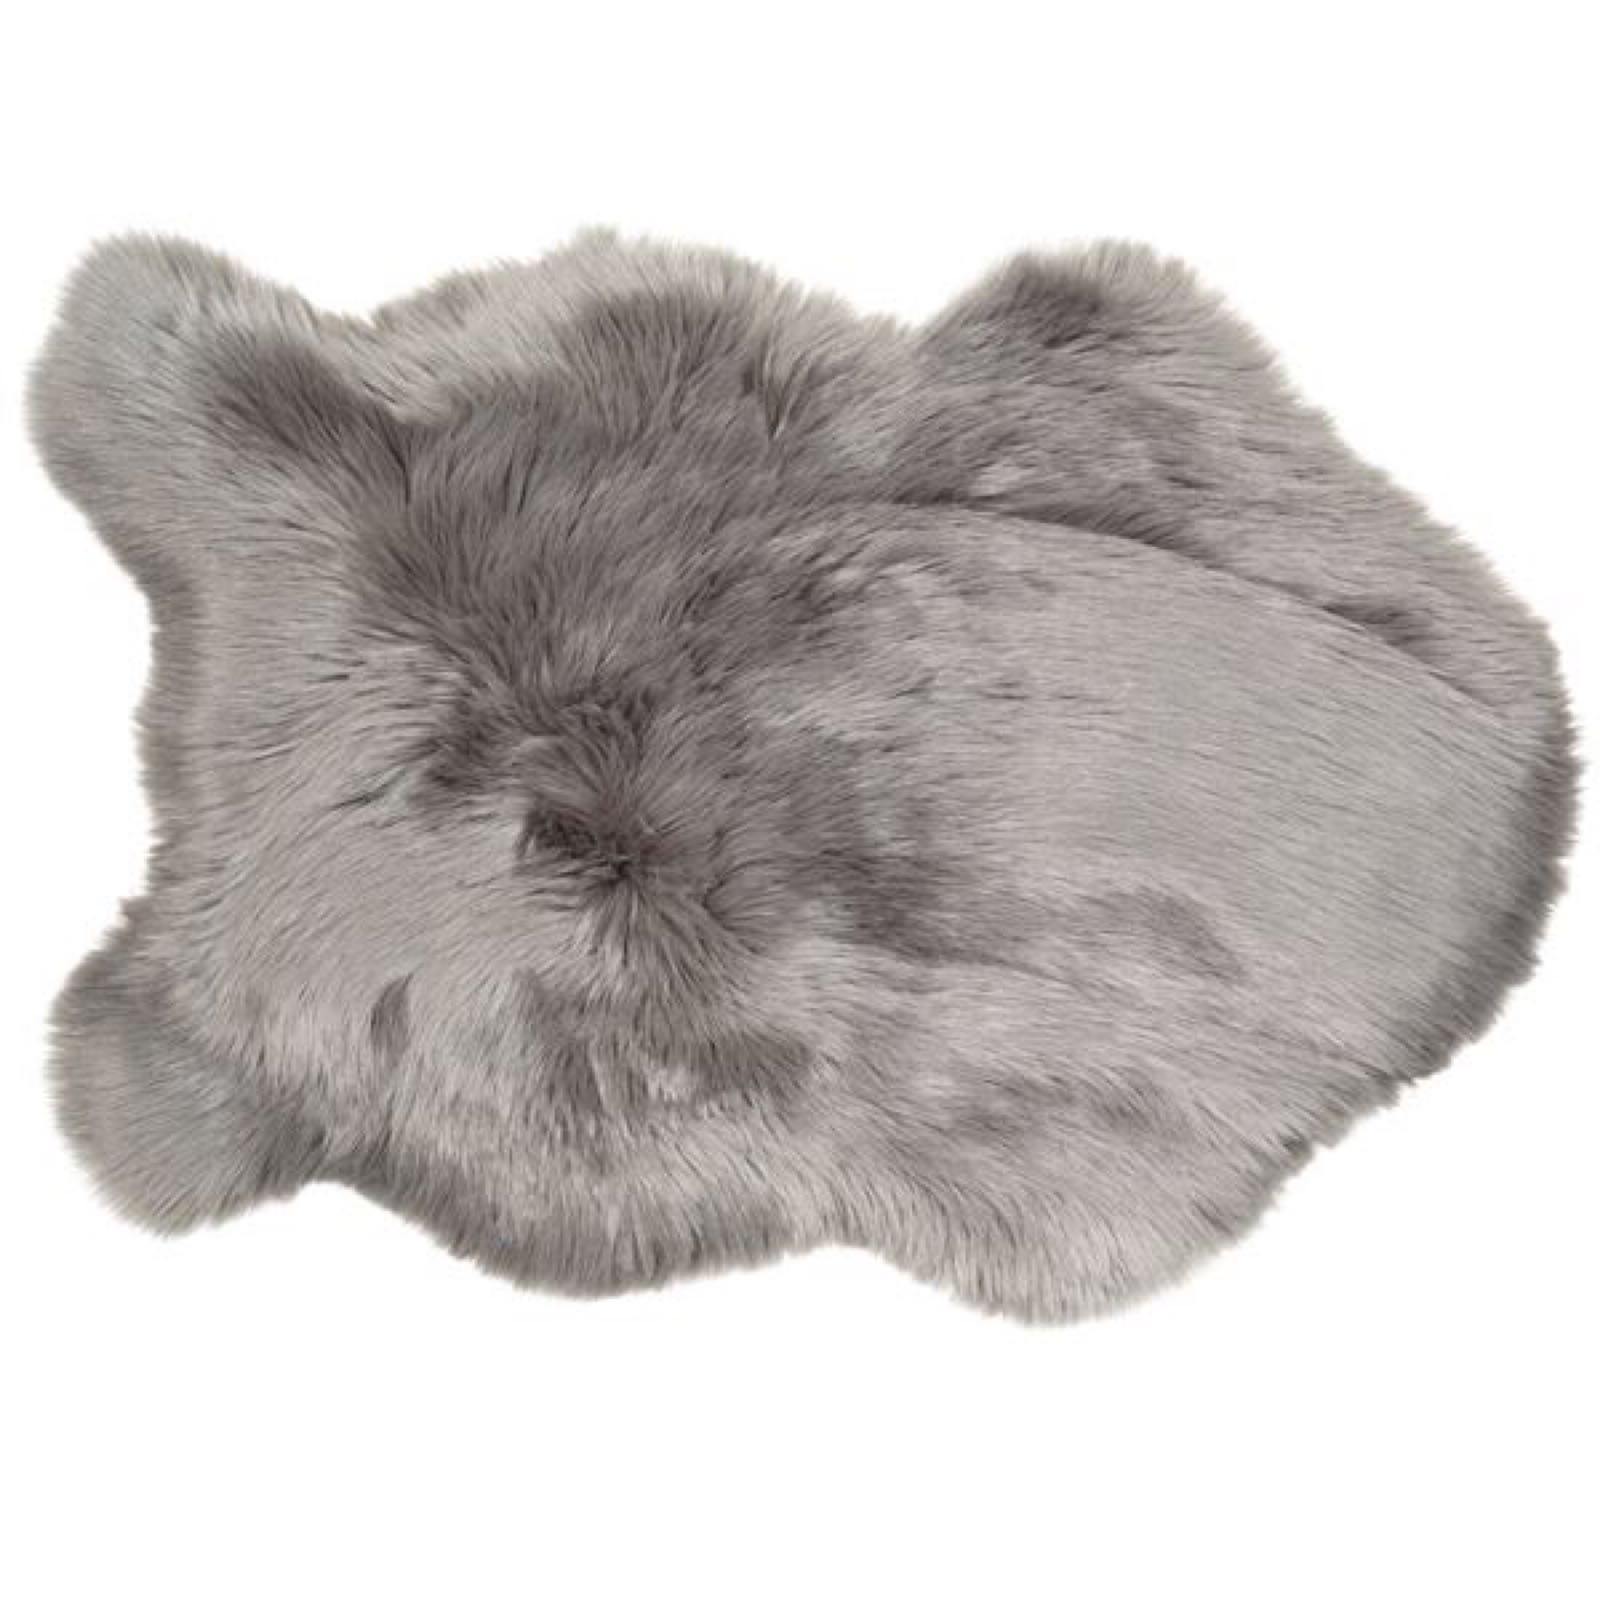 Faux Sheepskin Rug - Grey